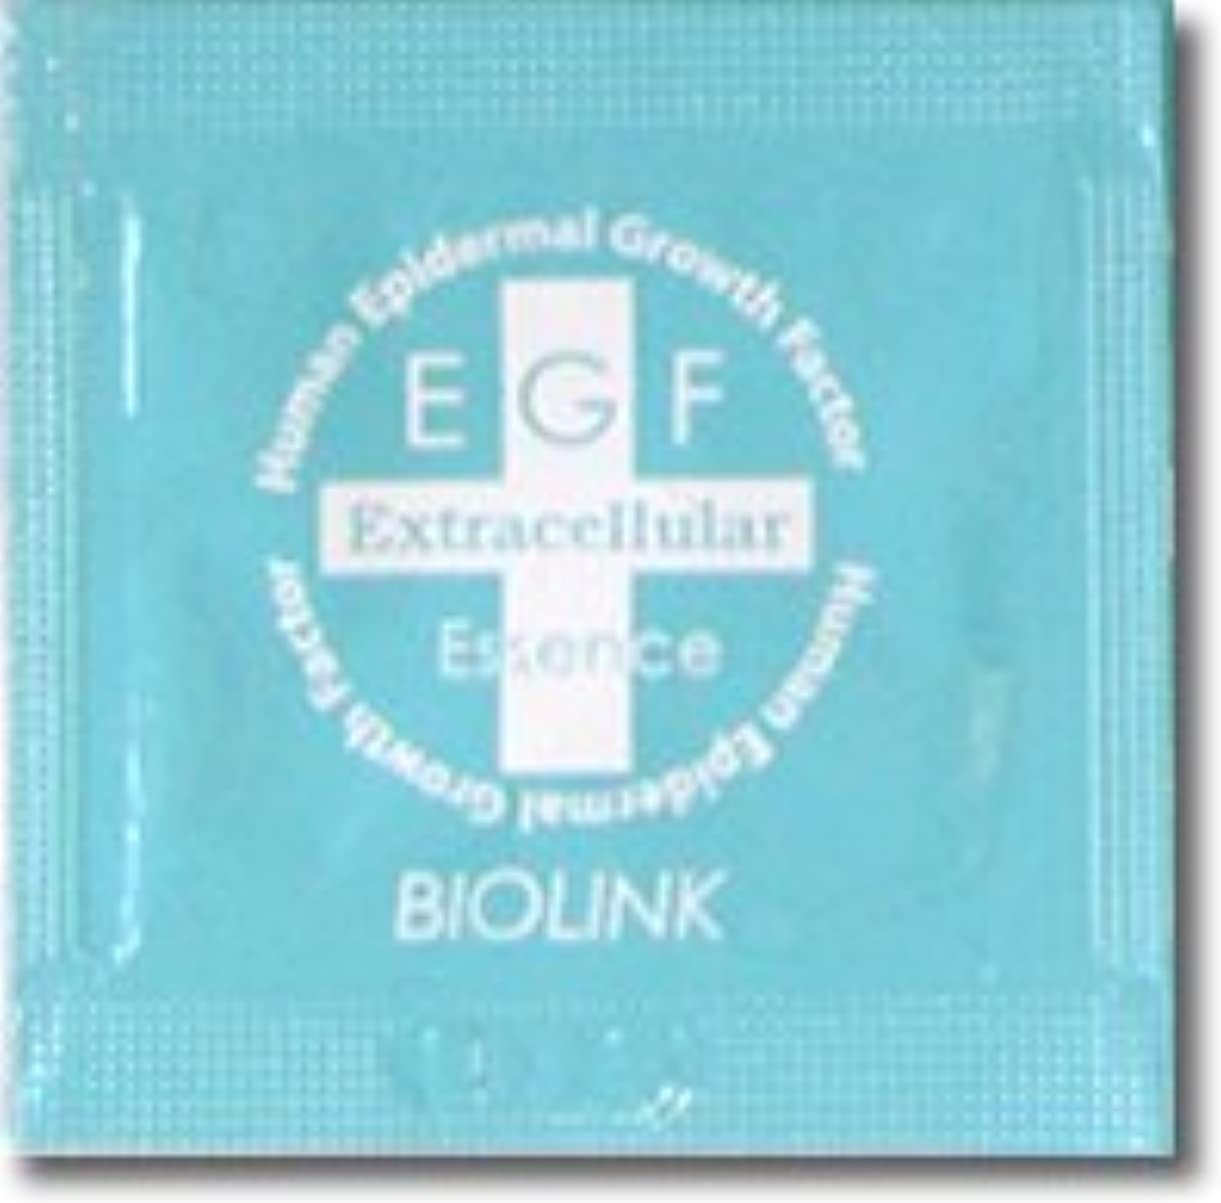 バイオリンク EGF エクストラエッセンス 分包 100個+10個おまけ付きセット